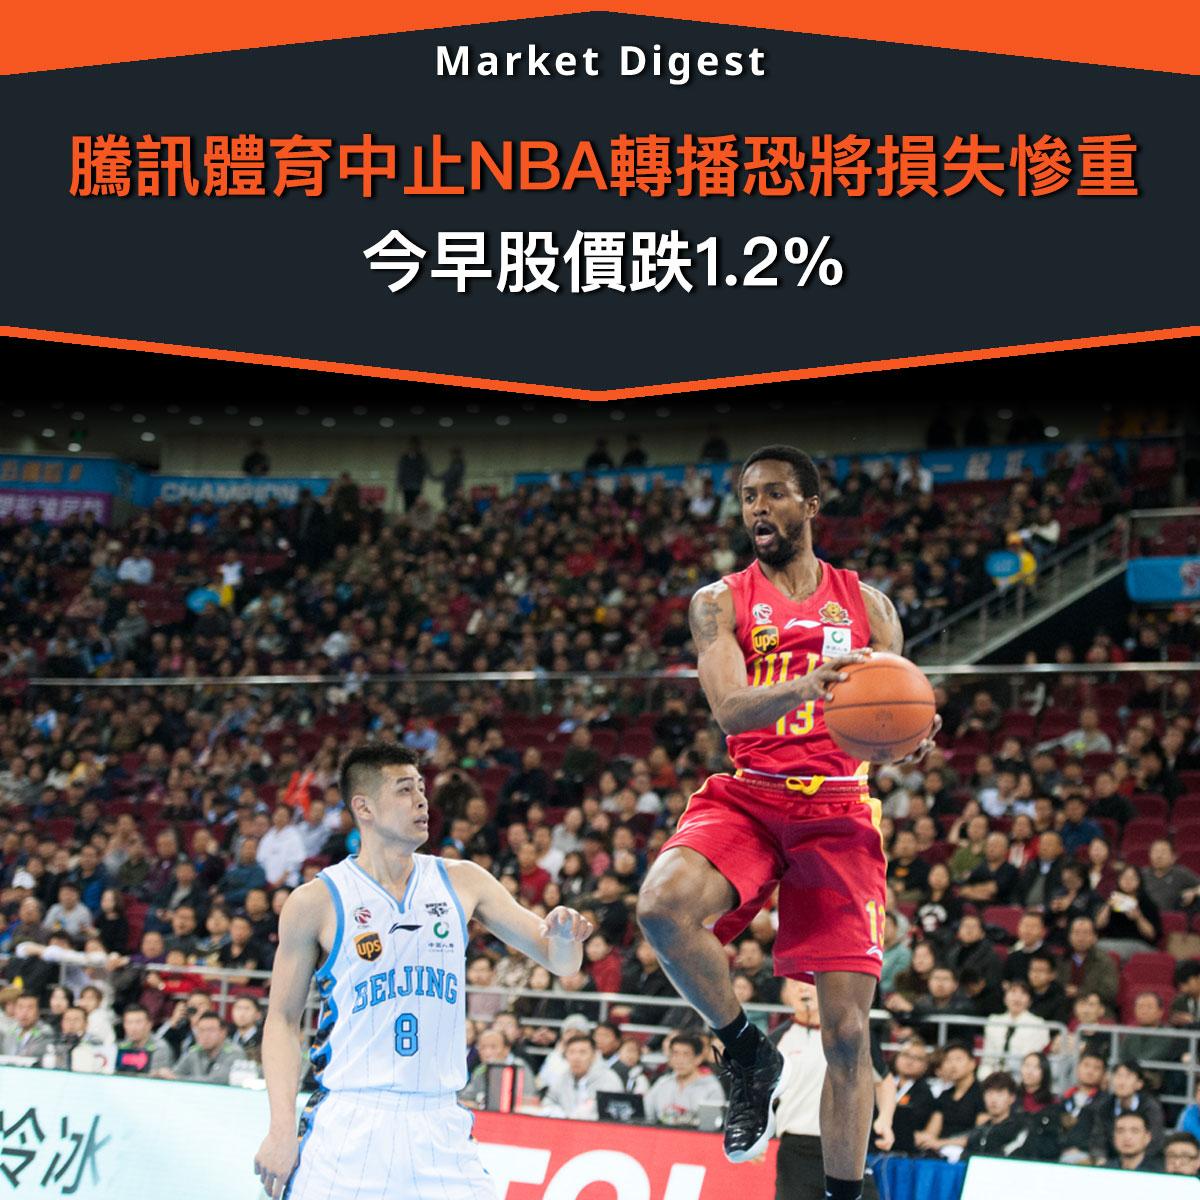 【市場熱話】騰訊體育中止NBA轉播恐將損失慘重,今早股價跌1.2%